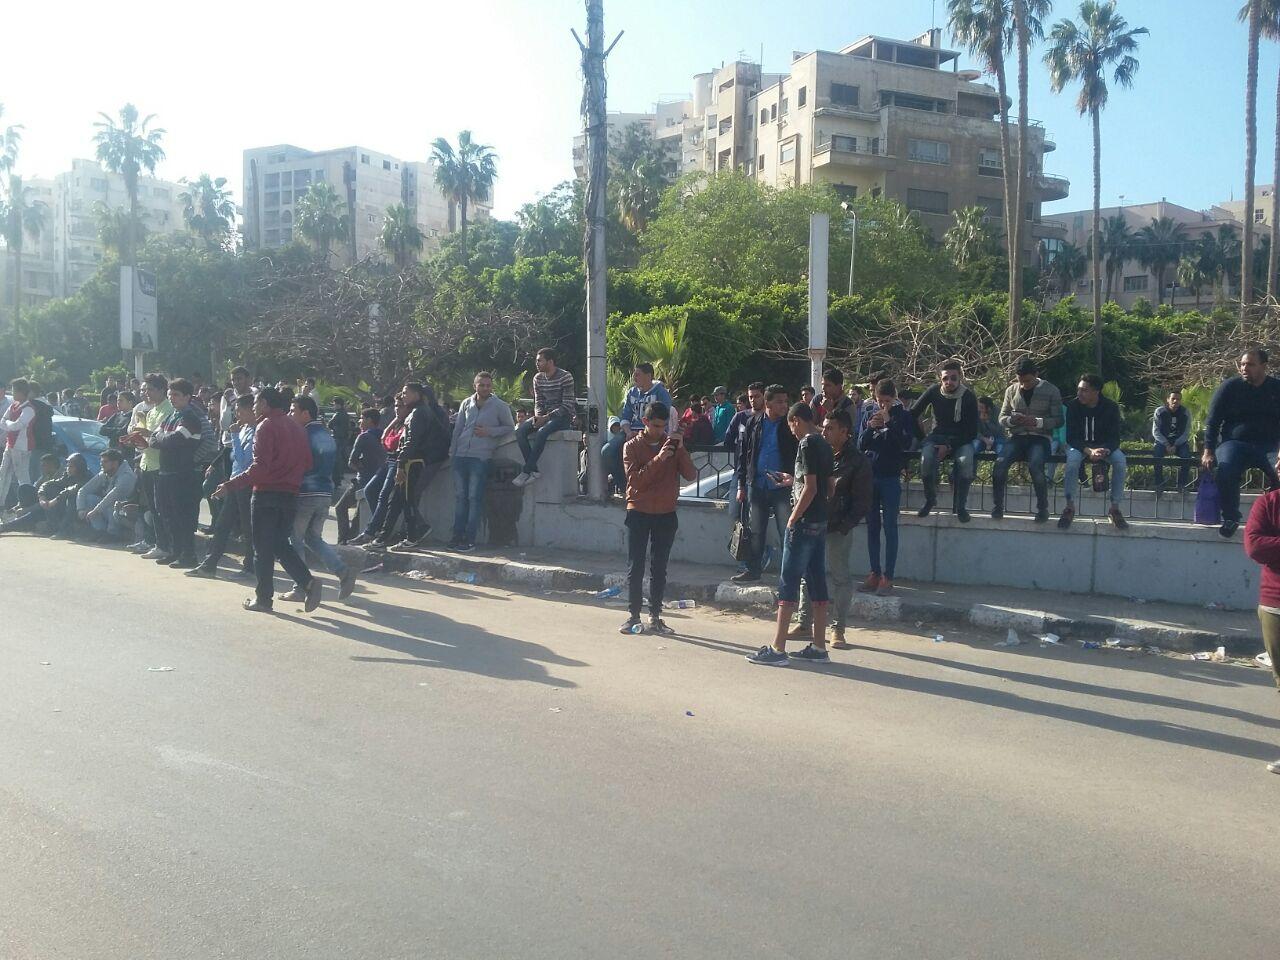 زحف جماهيري على ستاد الإسكندرية للفوز بتذكرة حضور مباراة مصر ونيجيريا